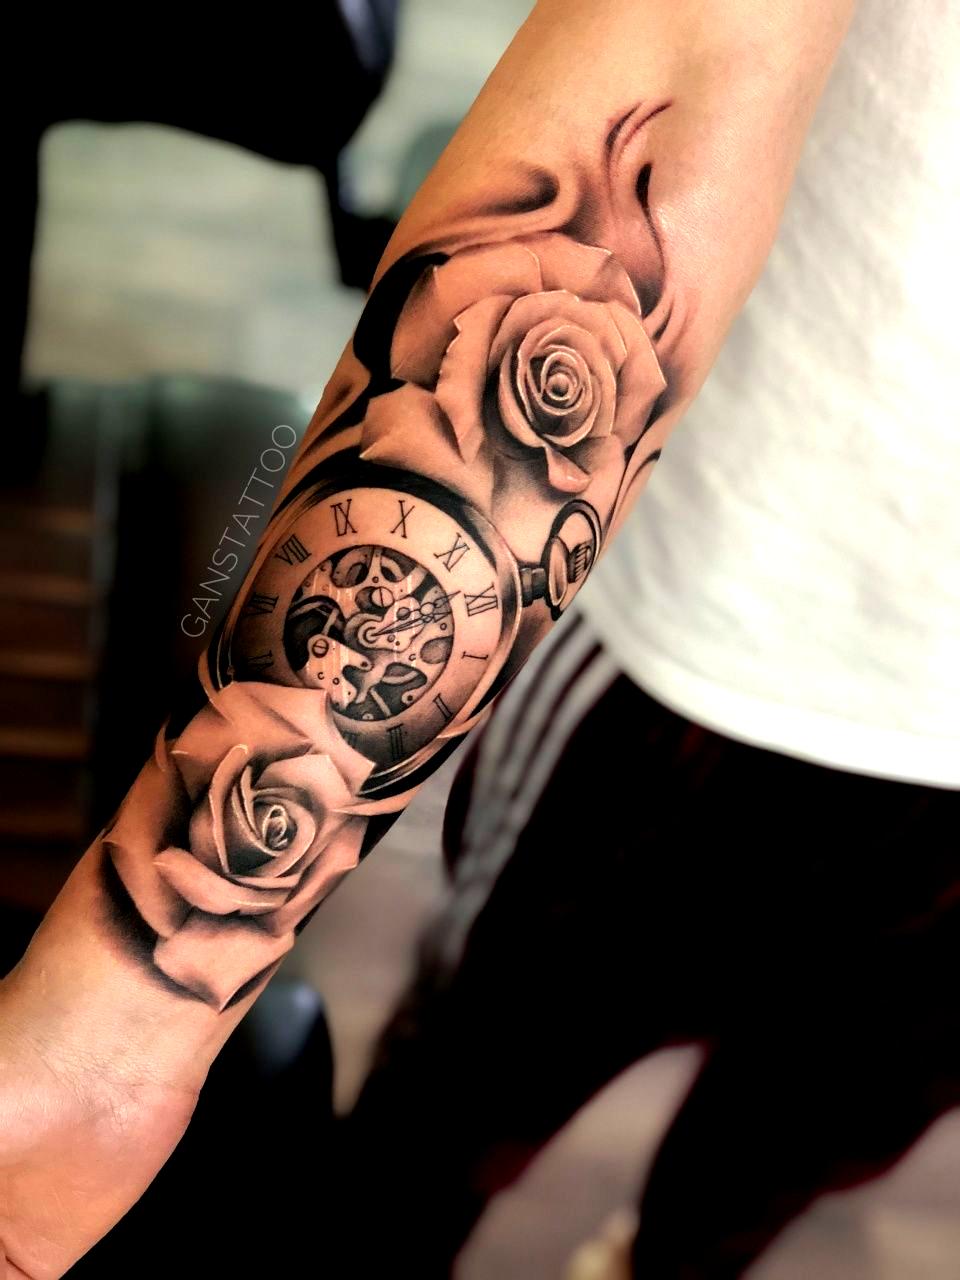 Family Hand Tattoos For Guys Family Guys Hand Tattoos In 2020 Tattoos For Guys Hand Tattoos Hand Tattoos For Guys